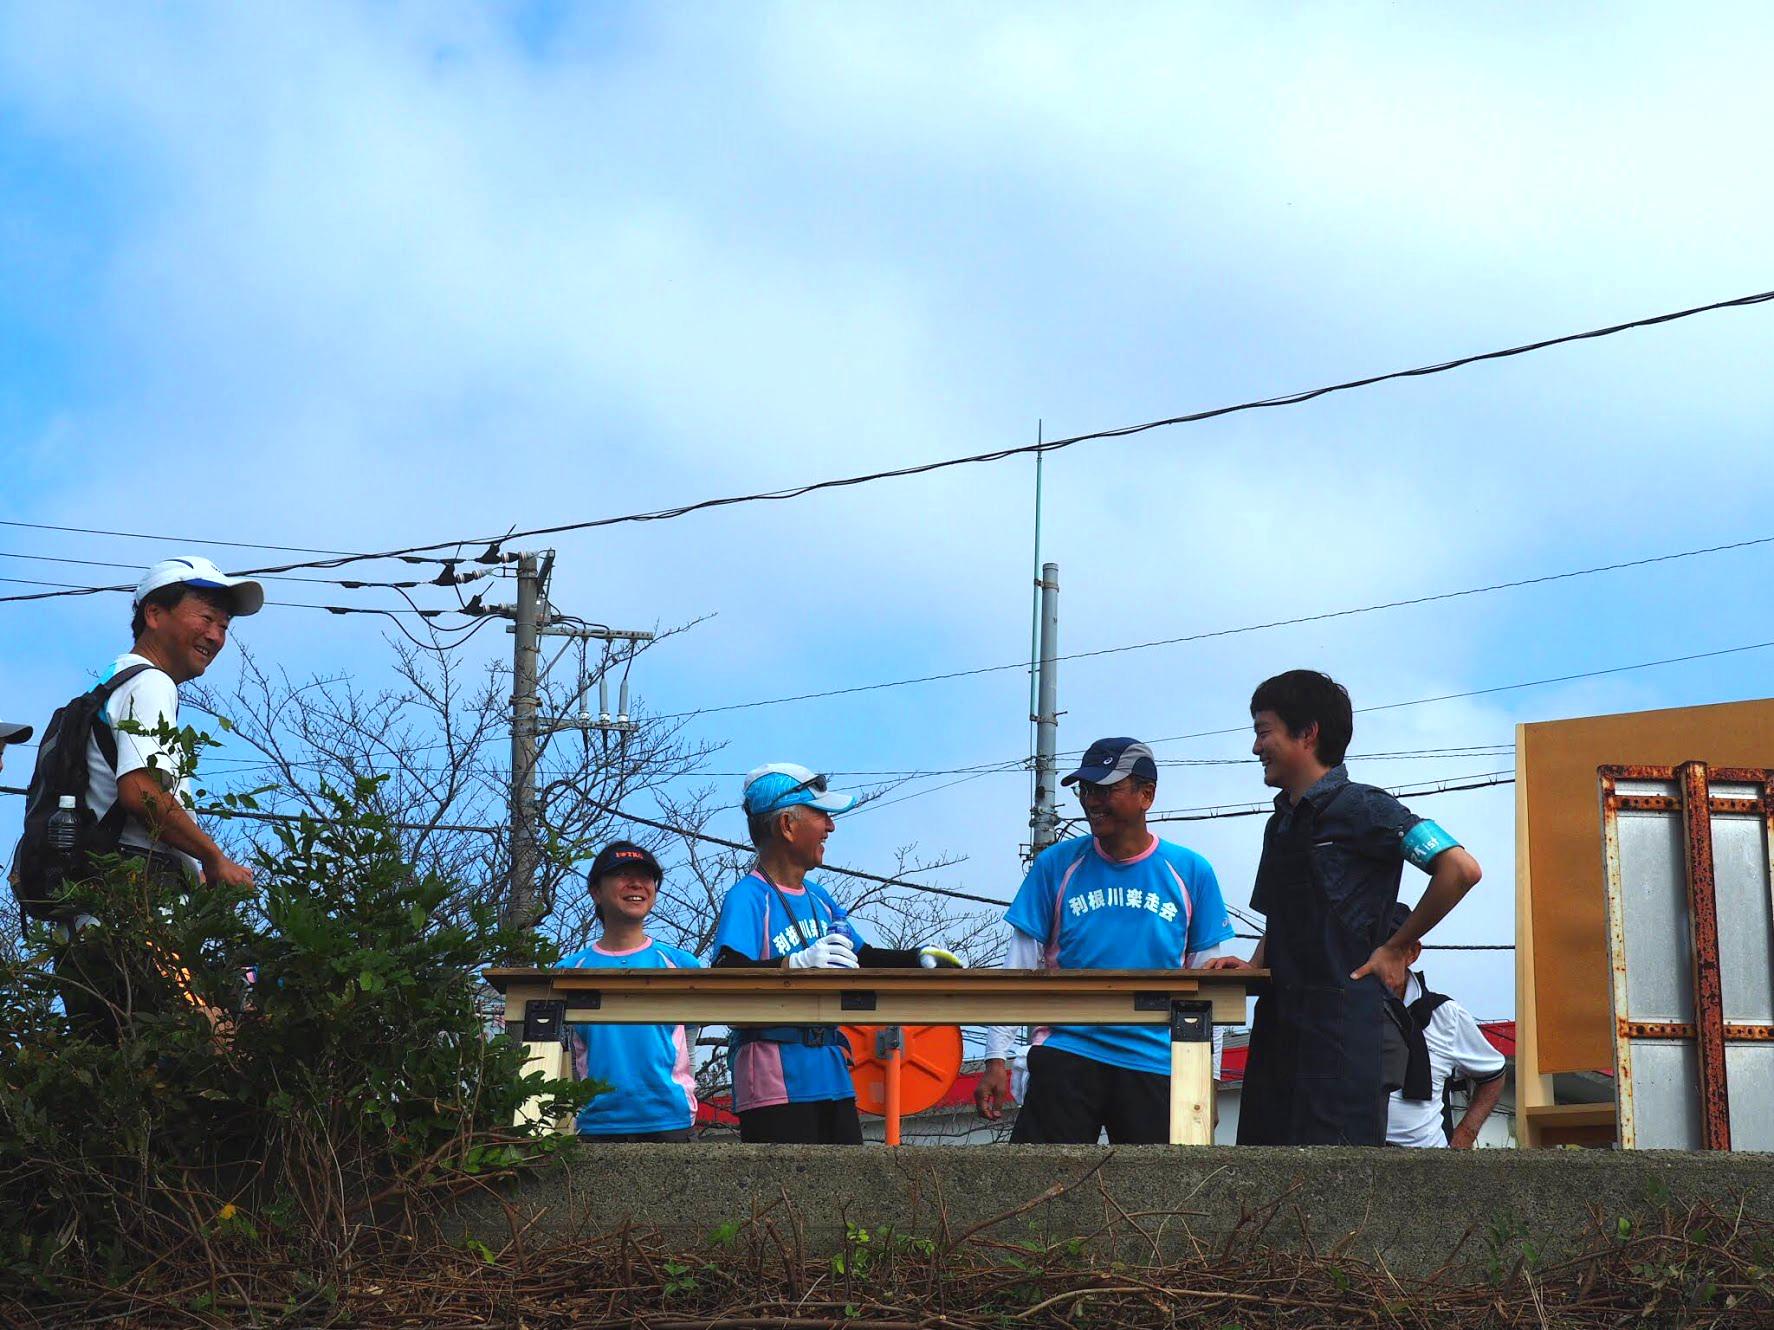 http://ud.t.u-tokyo.ac.jp/blog/_images/IMG_1468.jpg